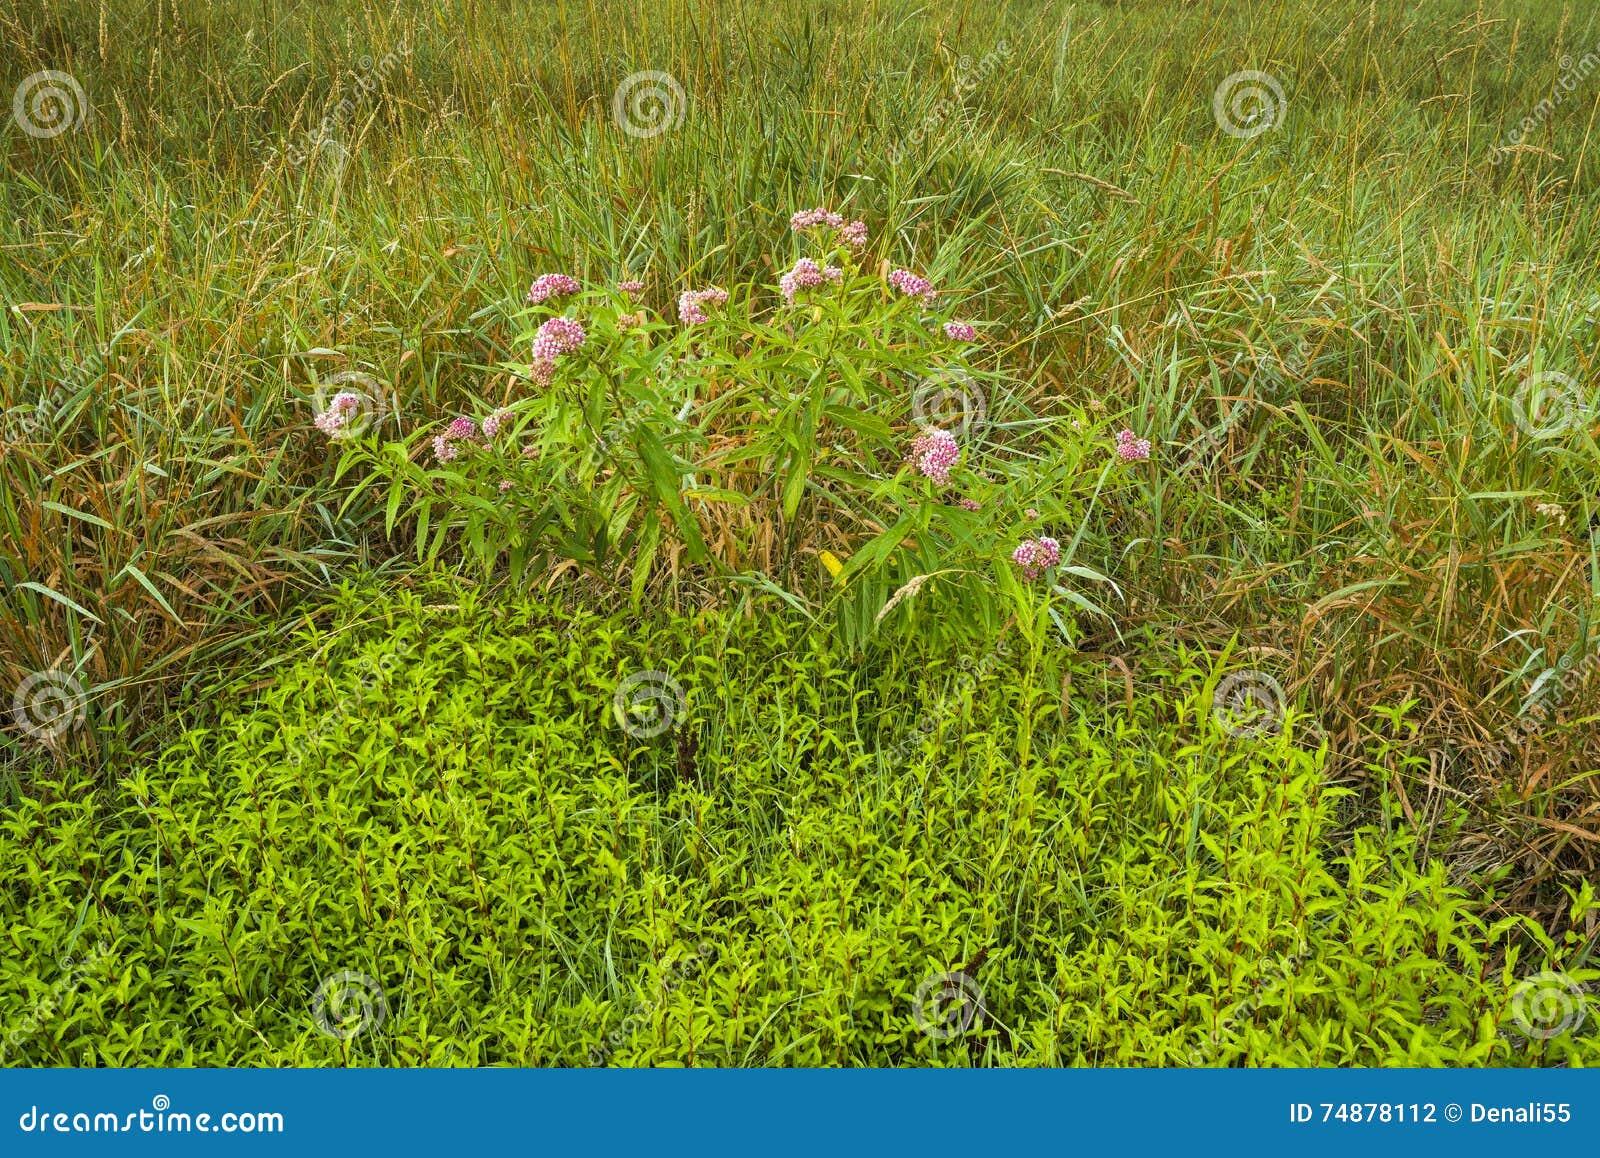 Grassen en groundcover op gebied